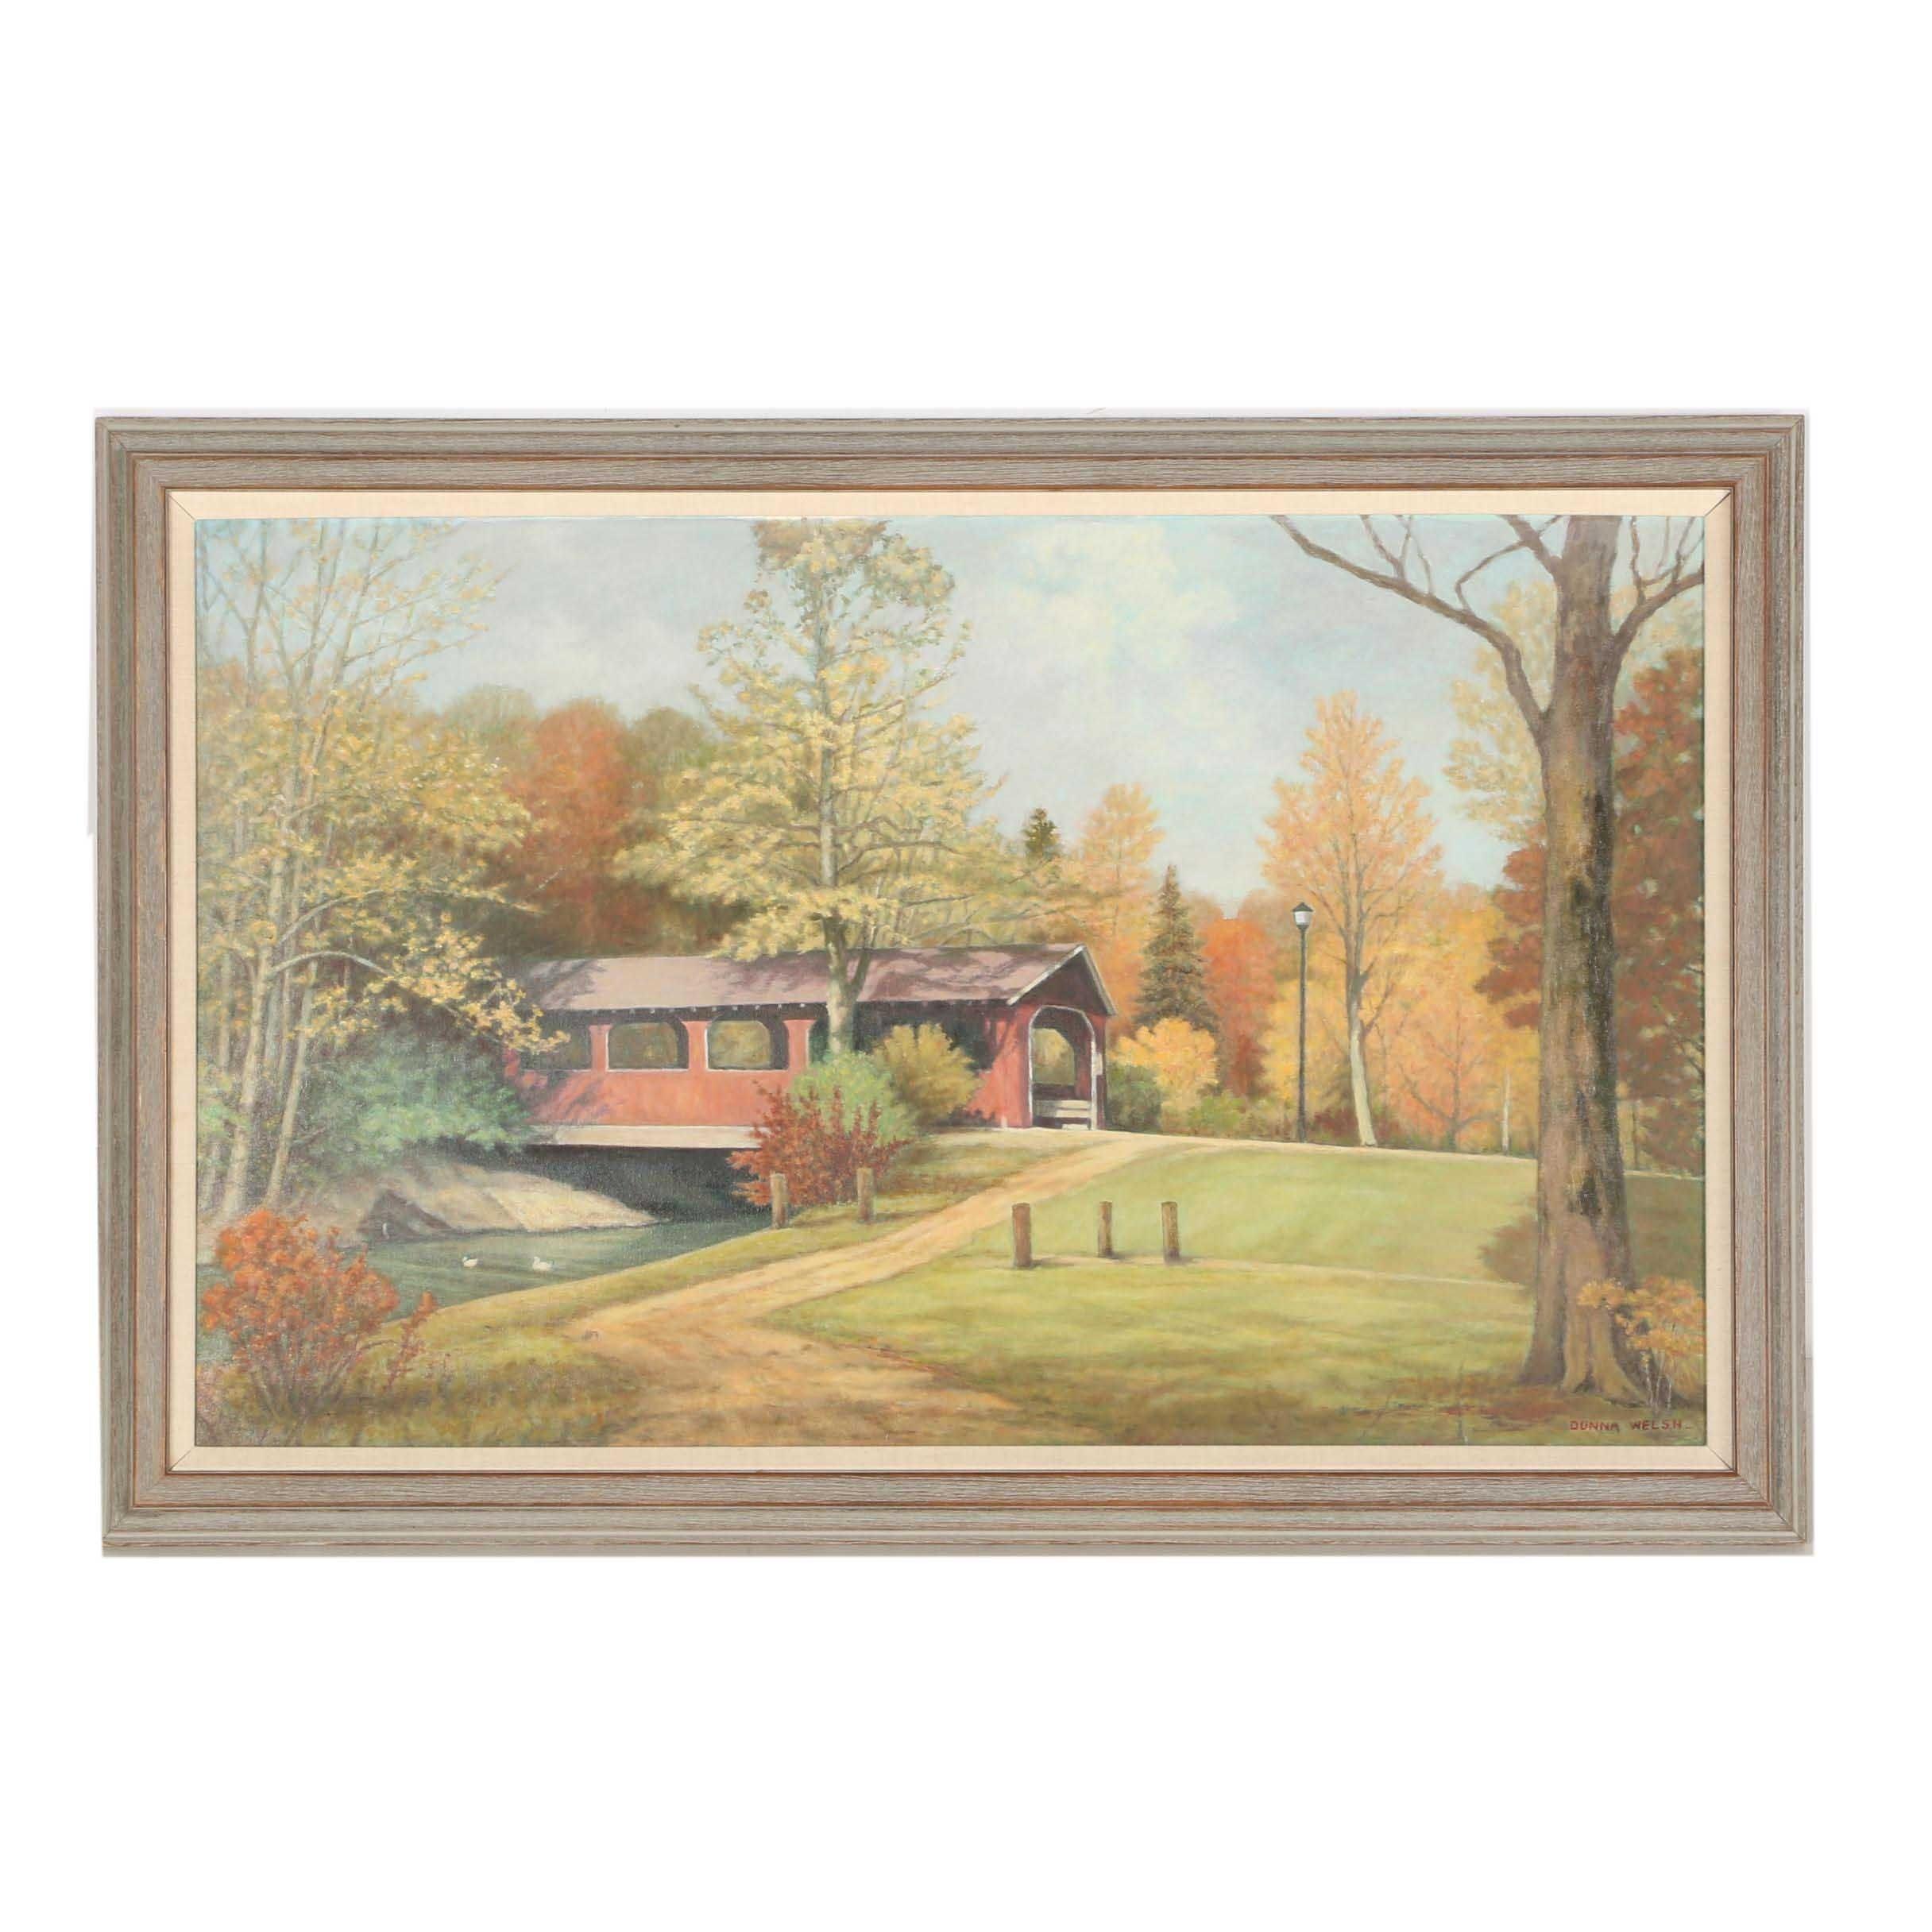 Donna Welsh Oil Painting of Bridge Landscape